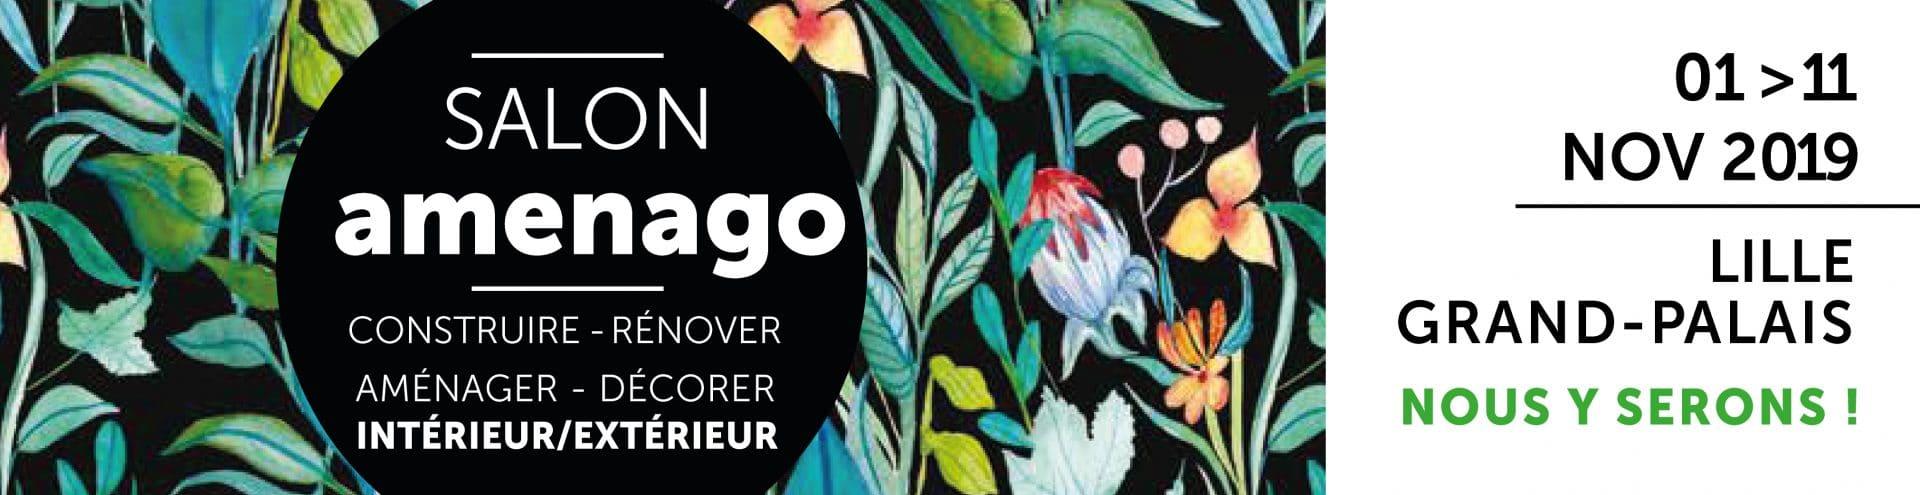 Rencontrez nos Lillois au salon Amenago de Lille